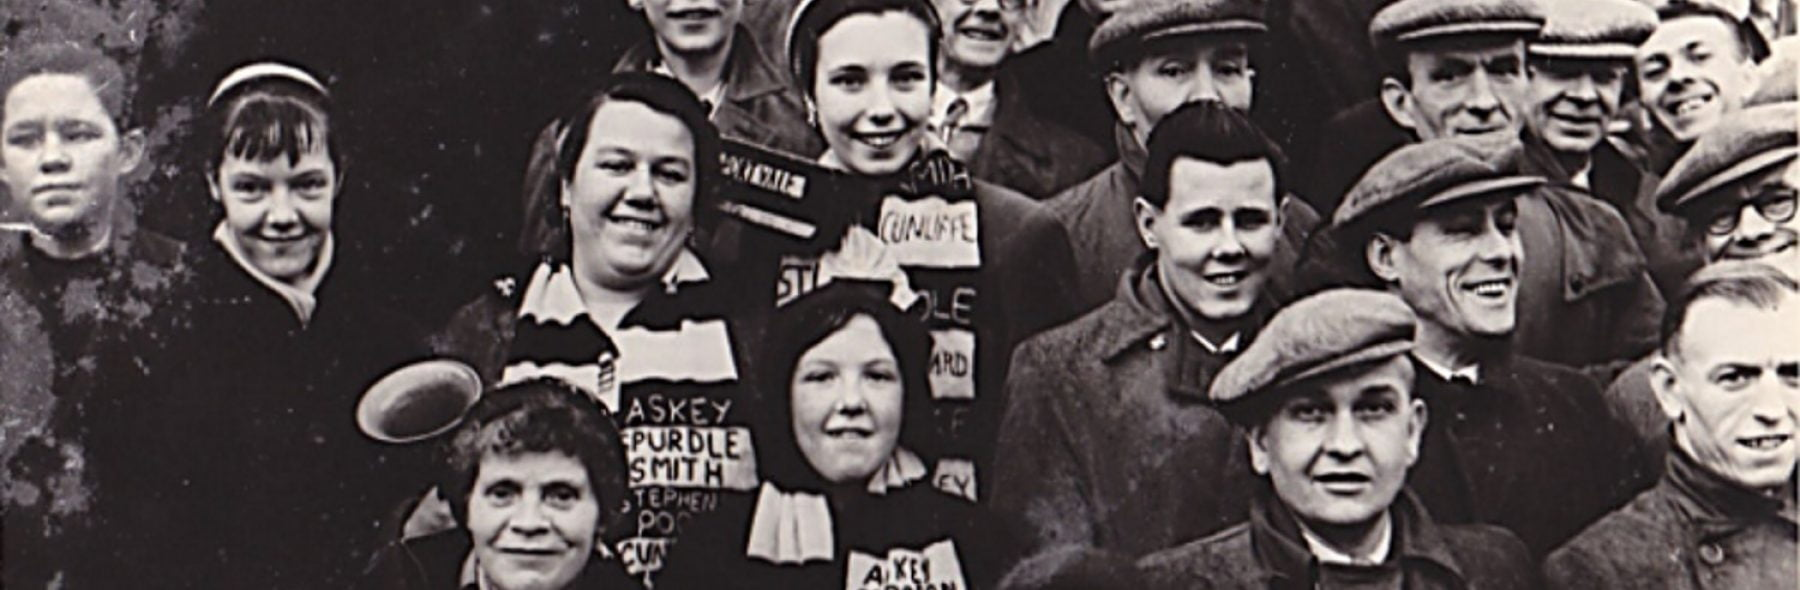 Vintage image of Port Vale fans